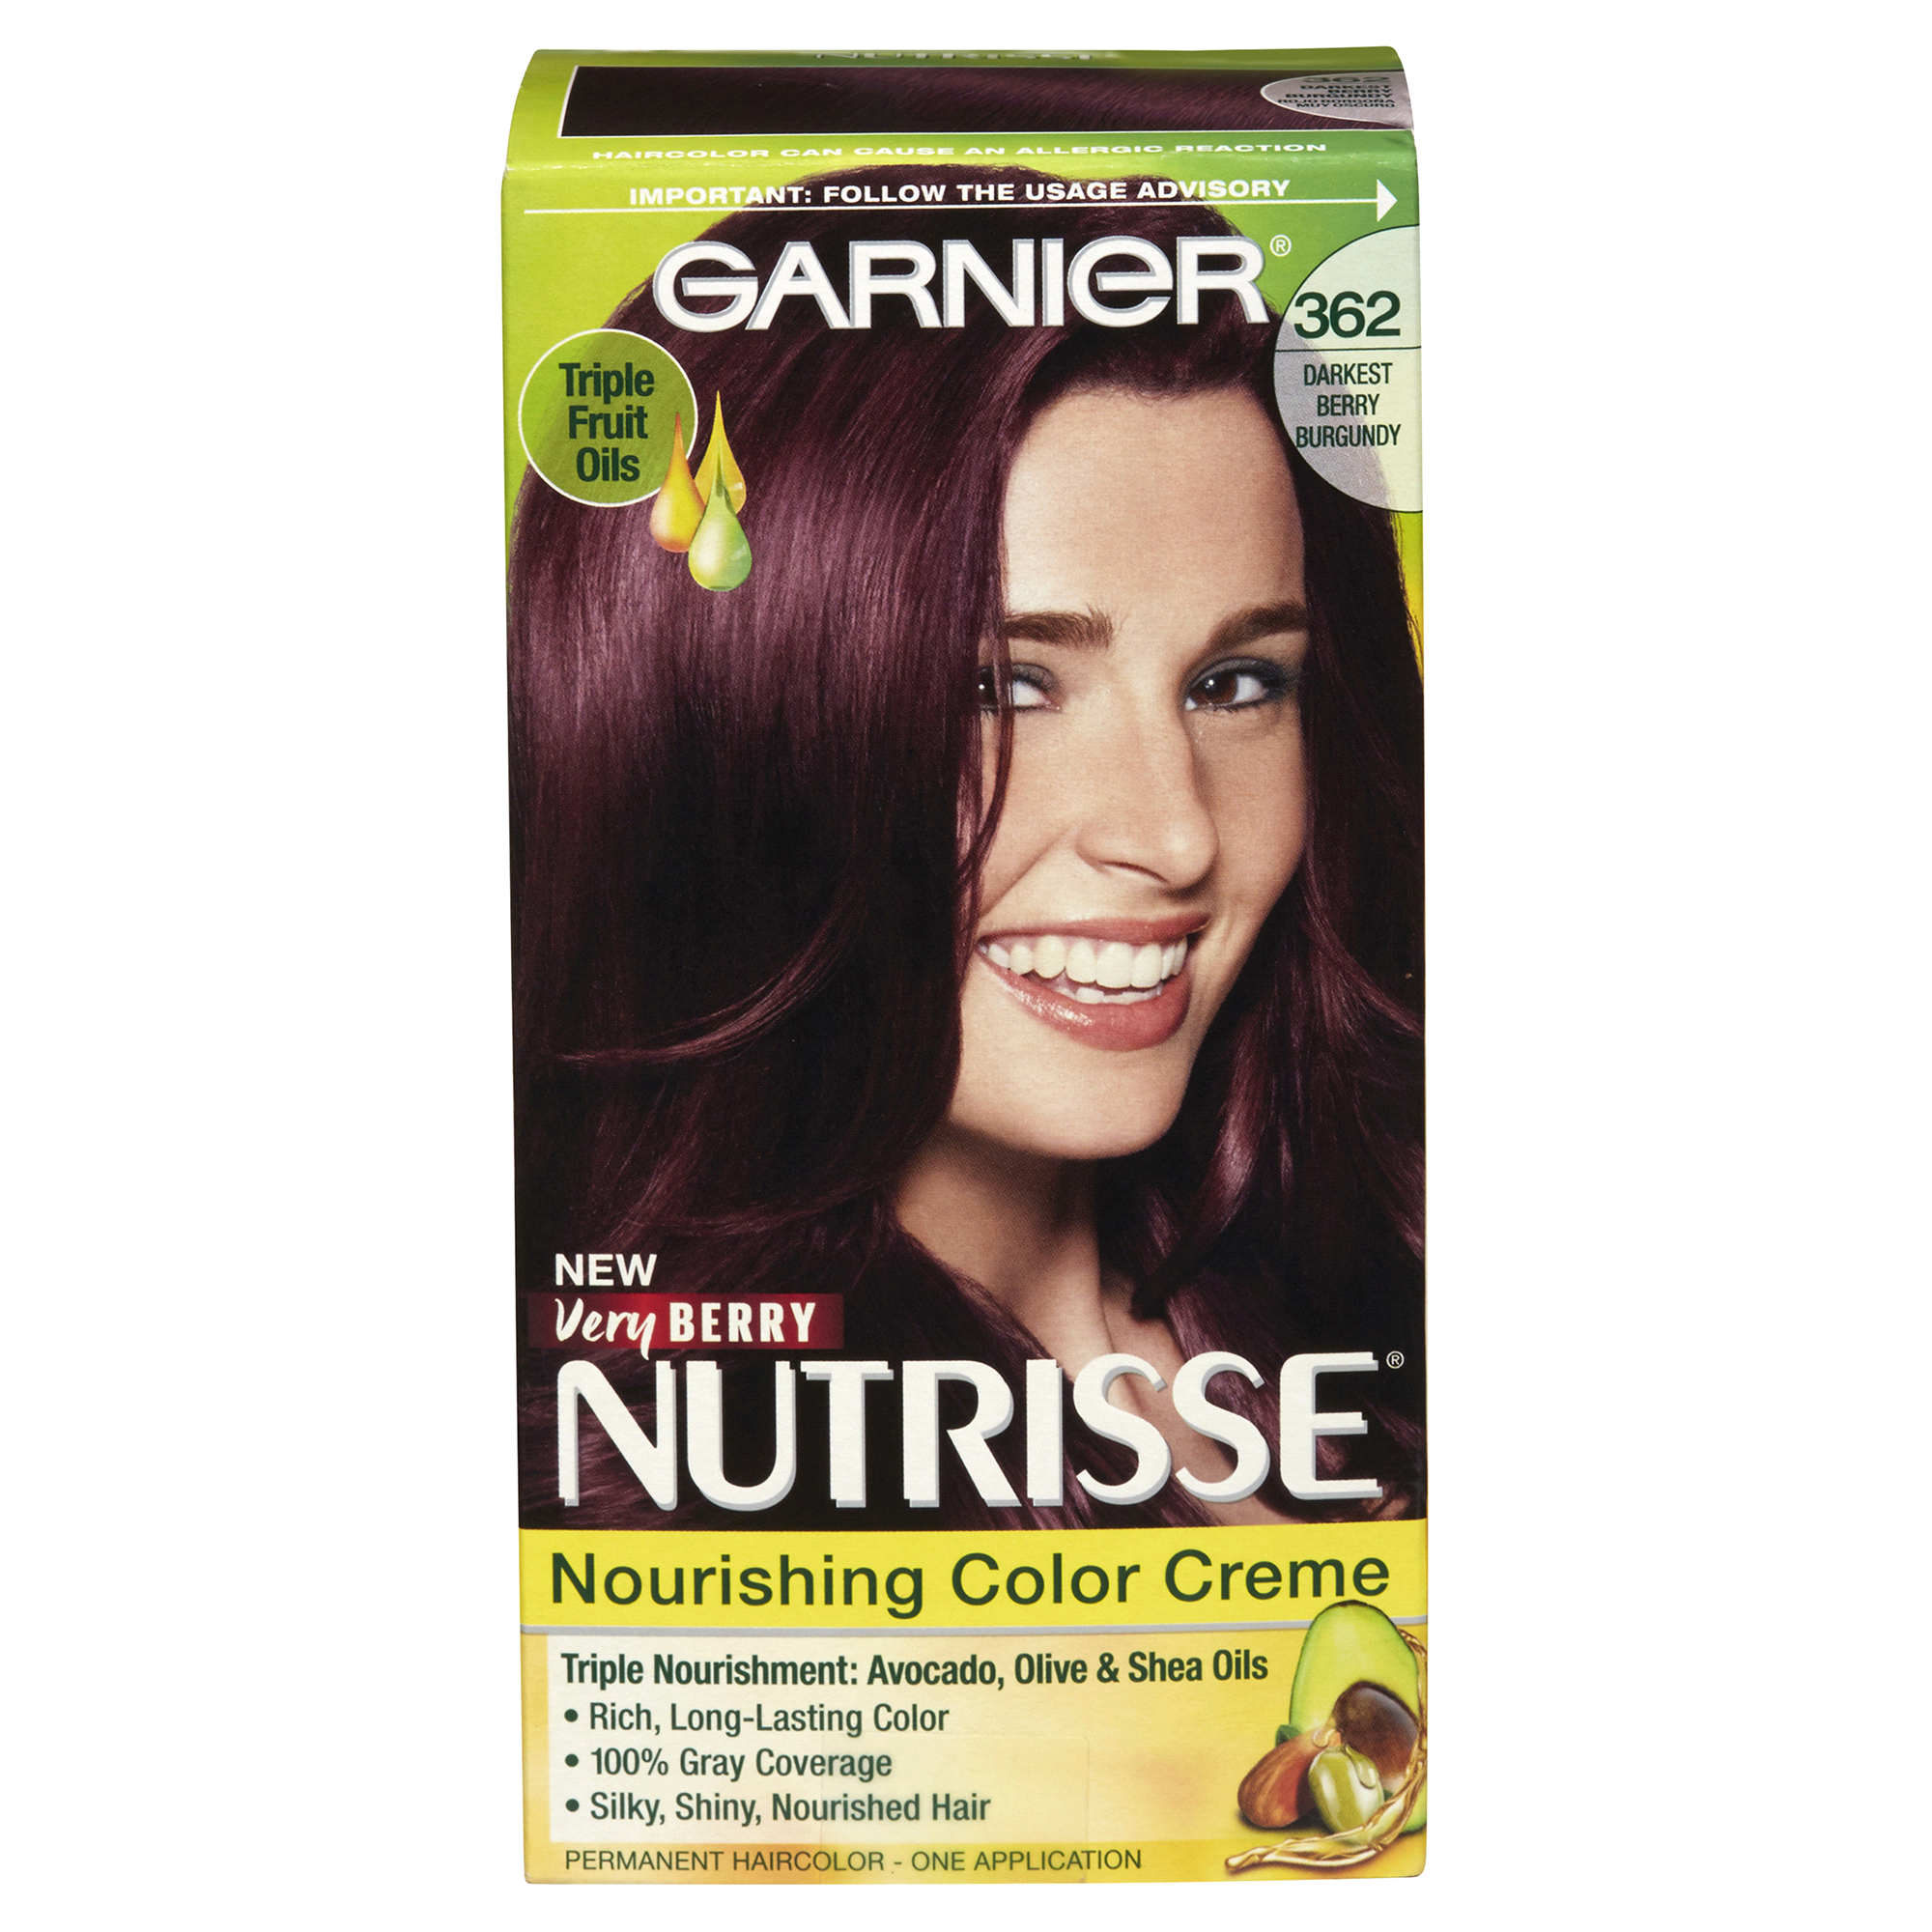 Garnier Nutrisse Nourishing Color Creme Darkest Berry Burgundy 362